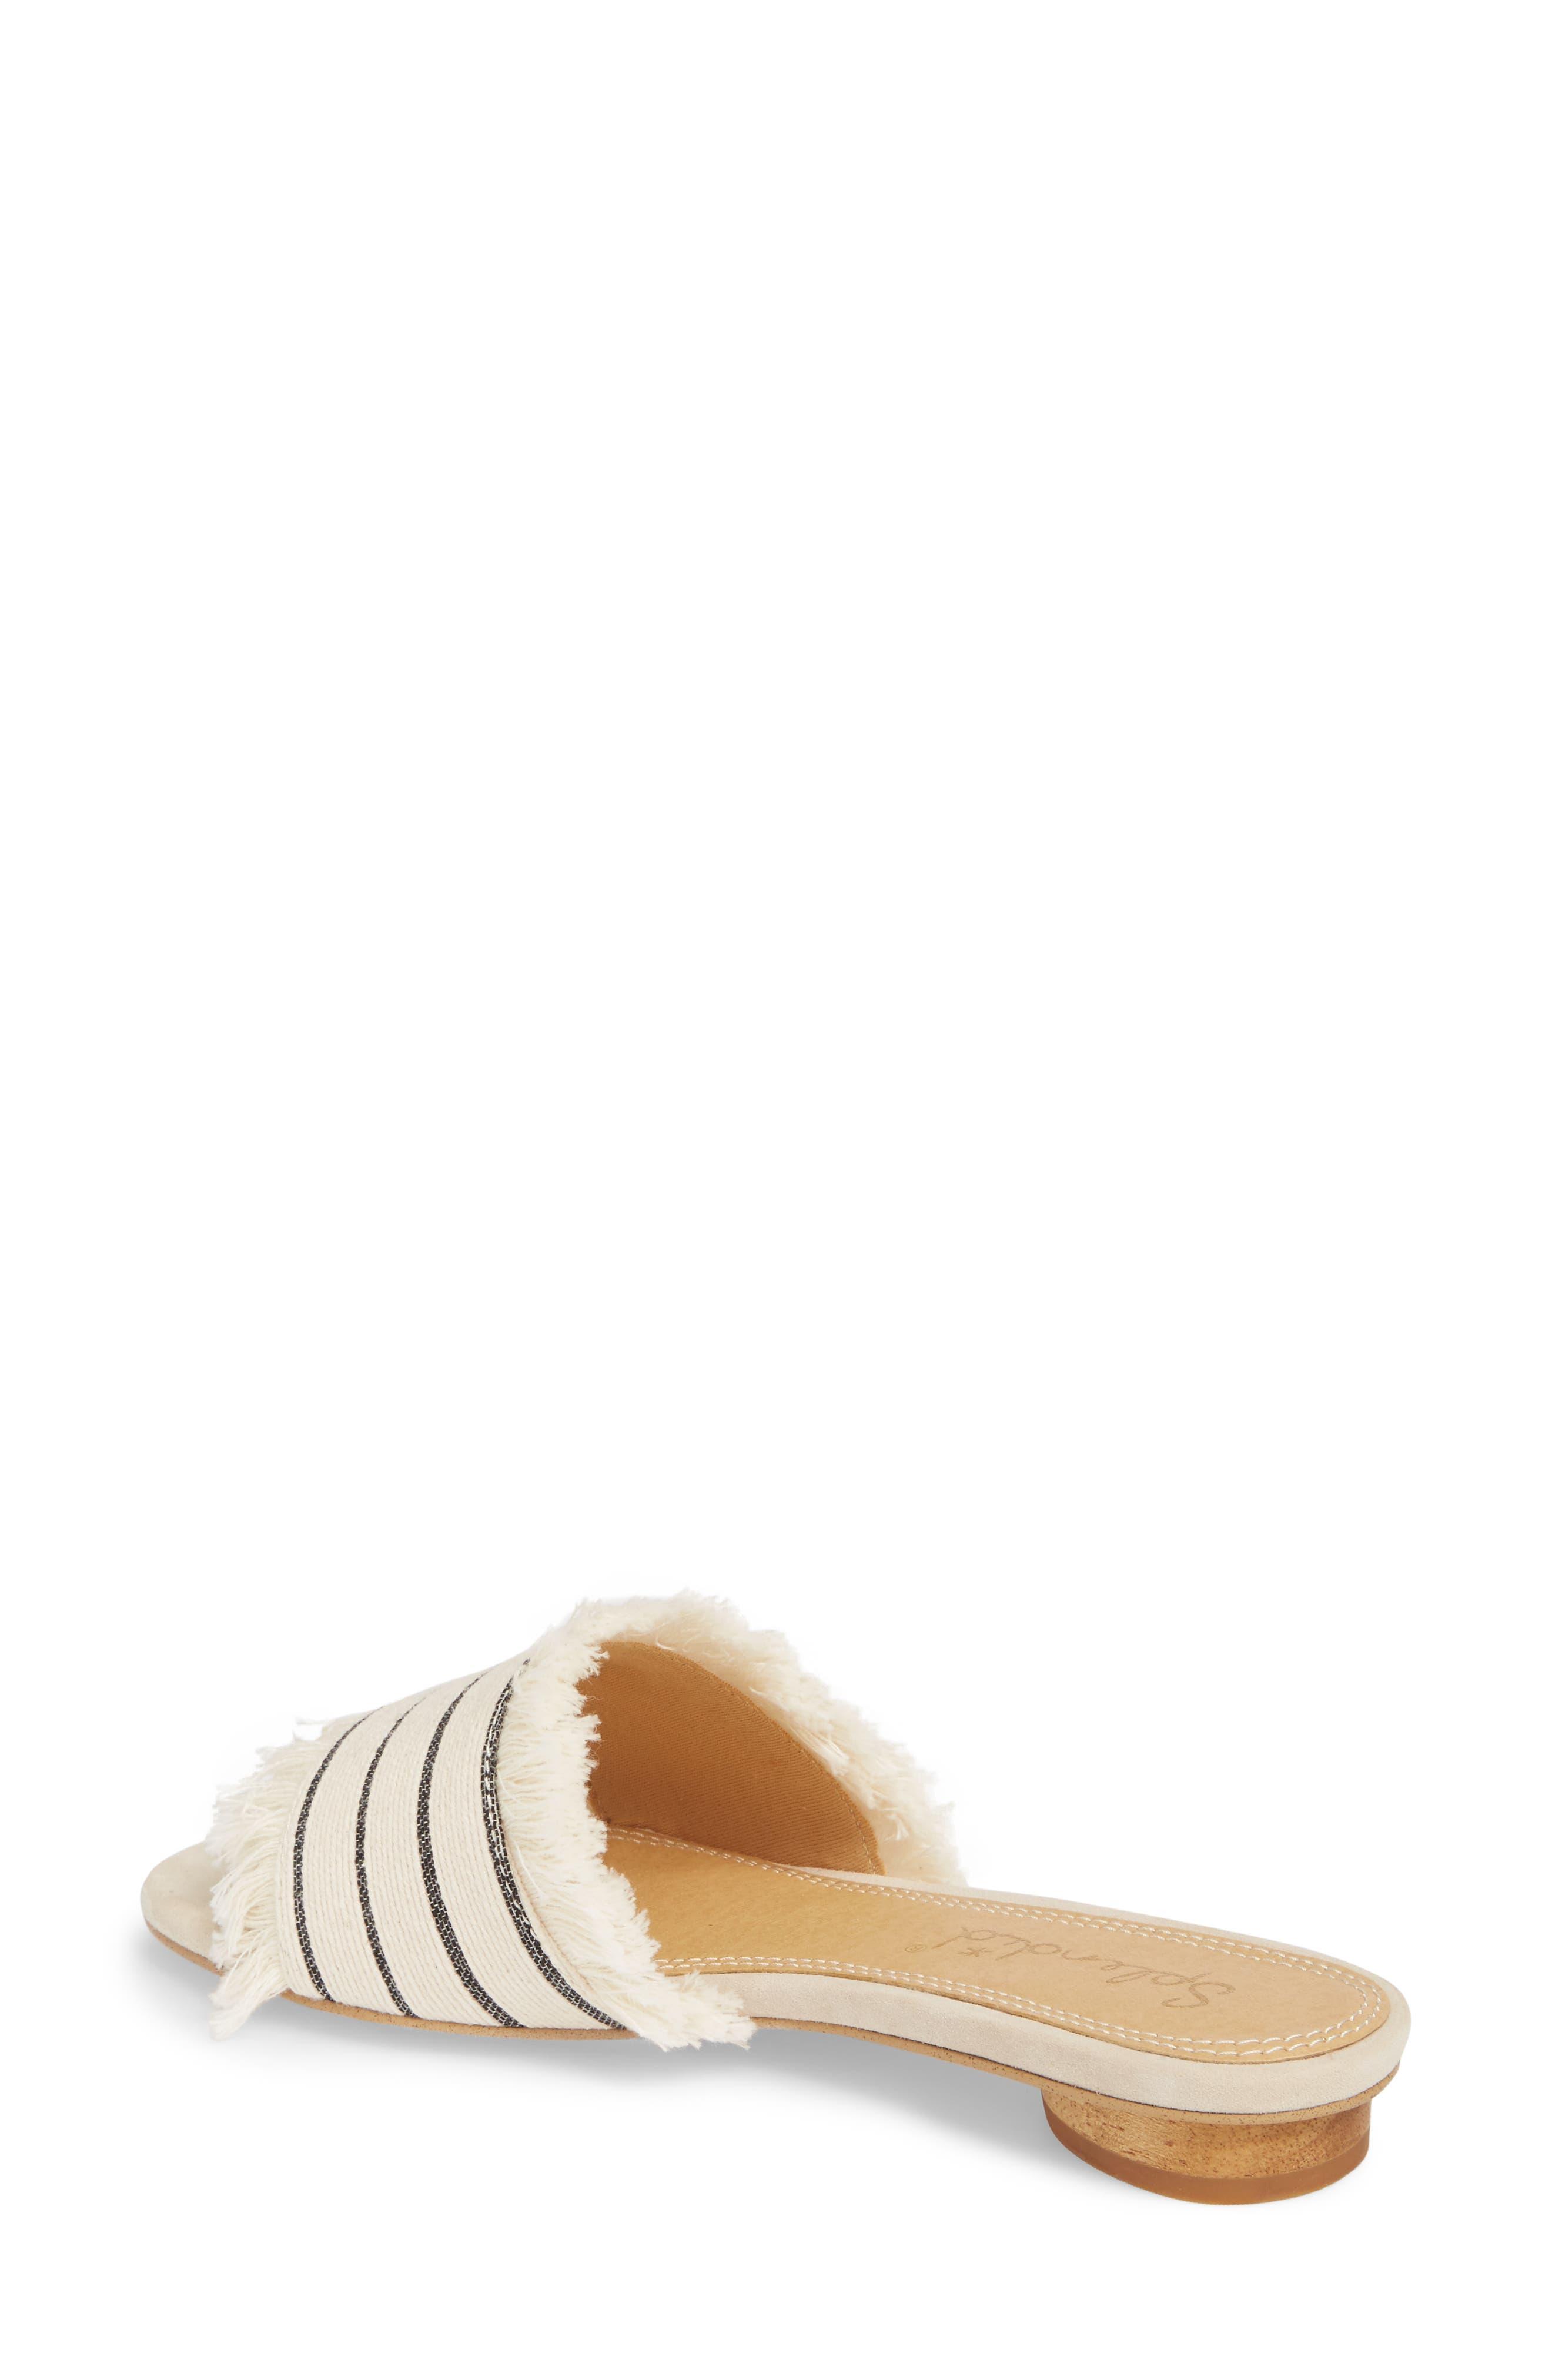 Baldwyn Fringe Slide Sandal,                             Alternate thumbnail 2, color,                             Cream Leather